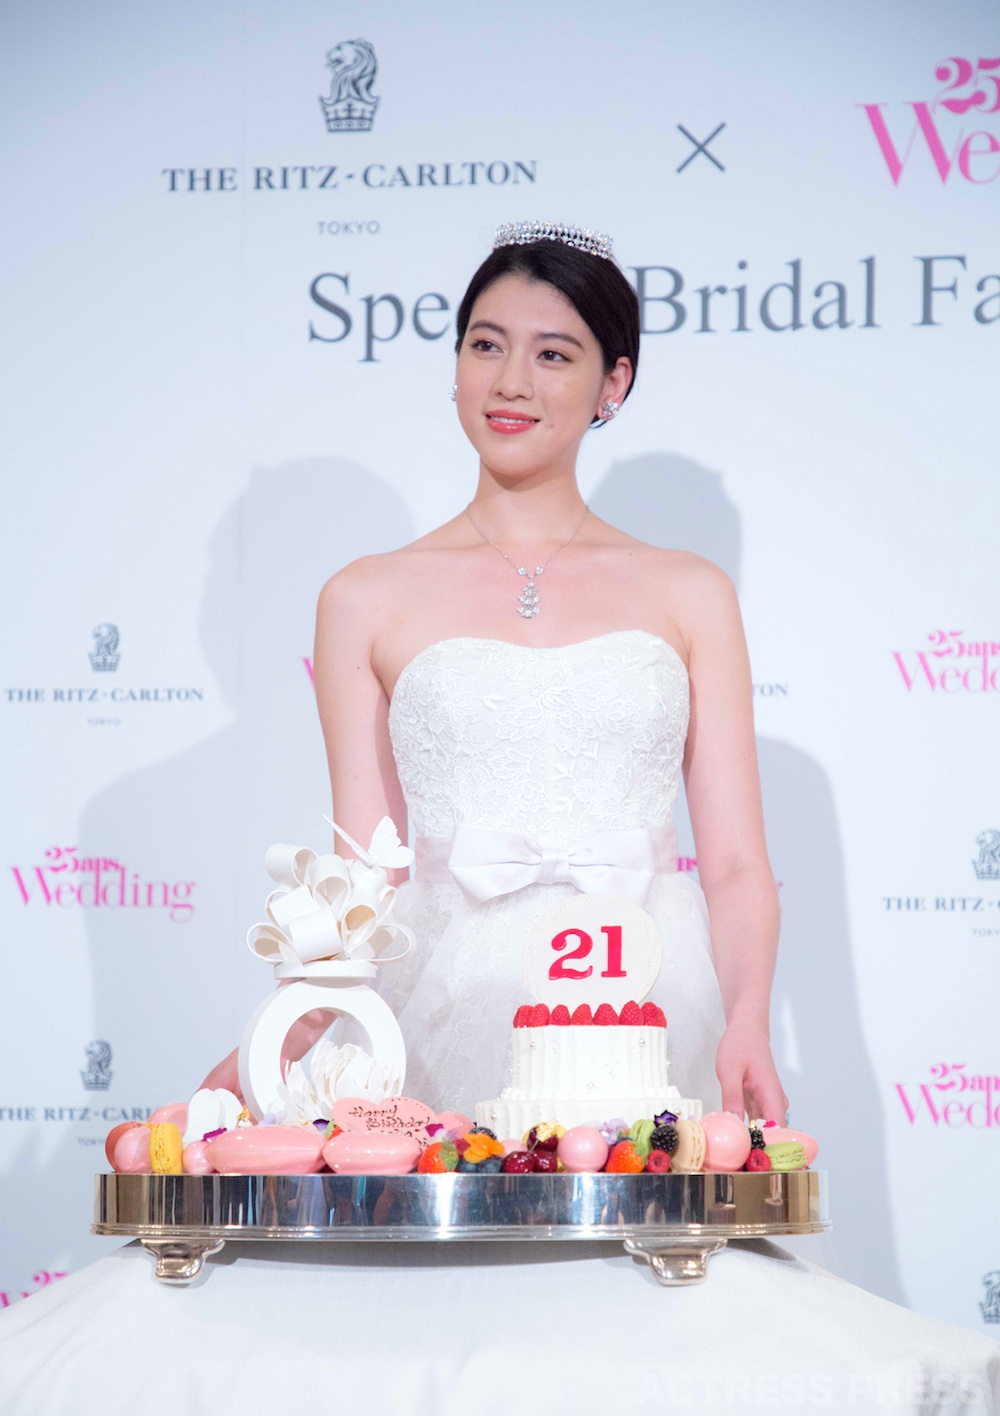 三吉彩花・ウエディングドレス姿・サプライズ バースデーケーキ